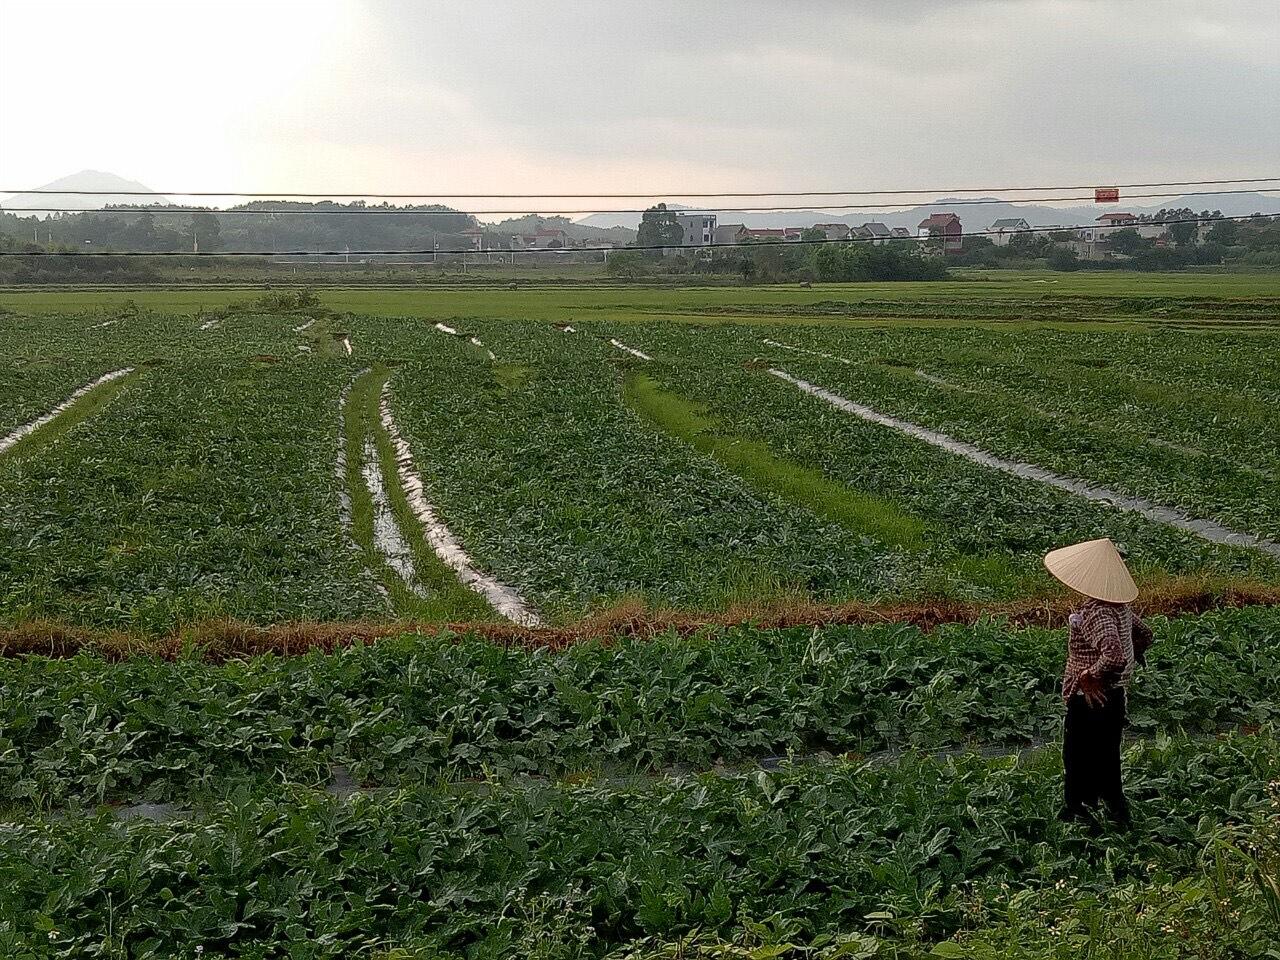 Vùng sản xuất rau màu tại thôn Nghè 3, xã Tiên Nha.